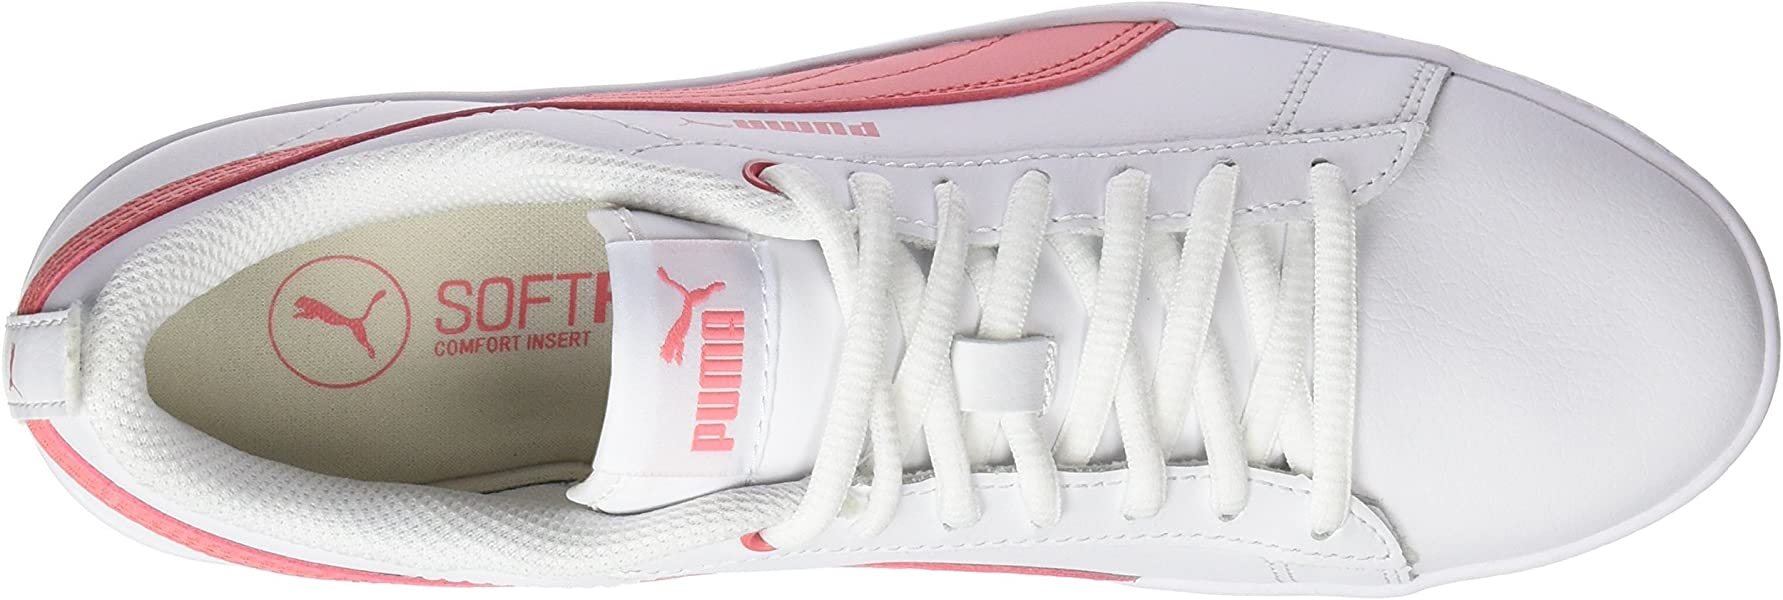 ec9017e7a667 Puma Damen Smash WNS V2 L Sneaker